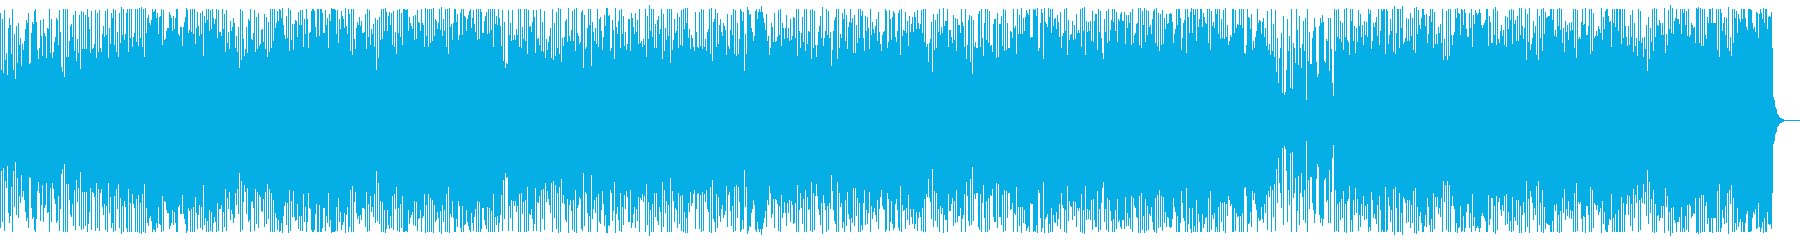 陽気な楽観的なギターファンクラテン...の再生済みの波形